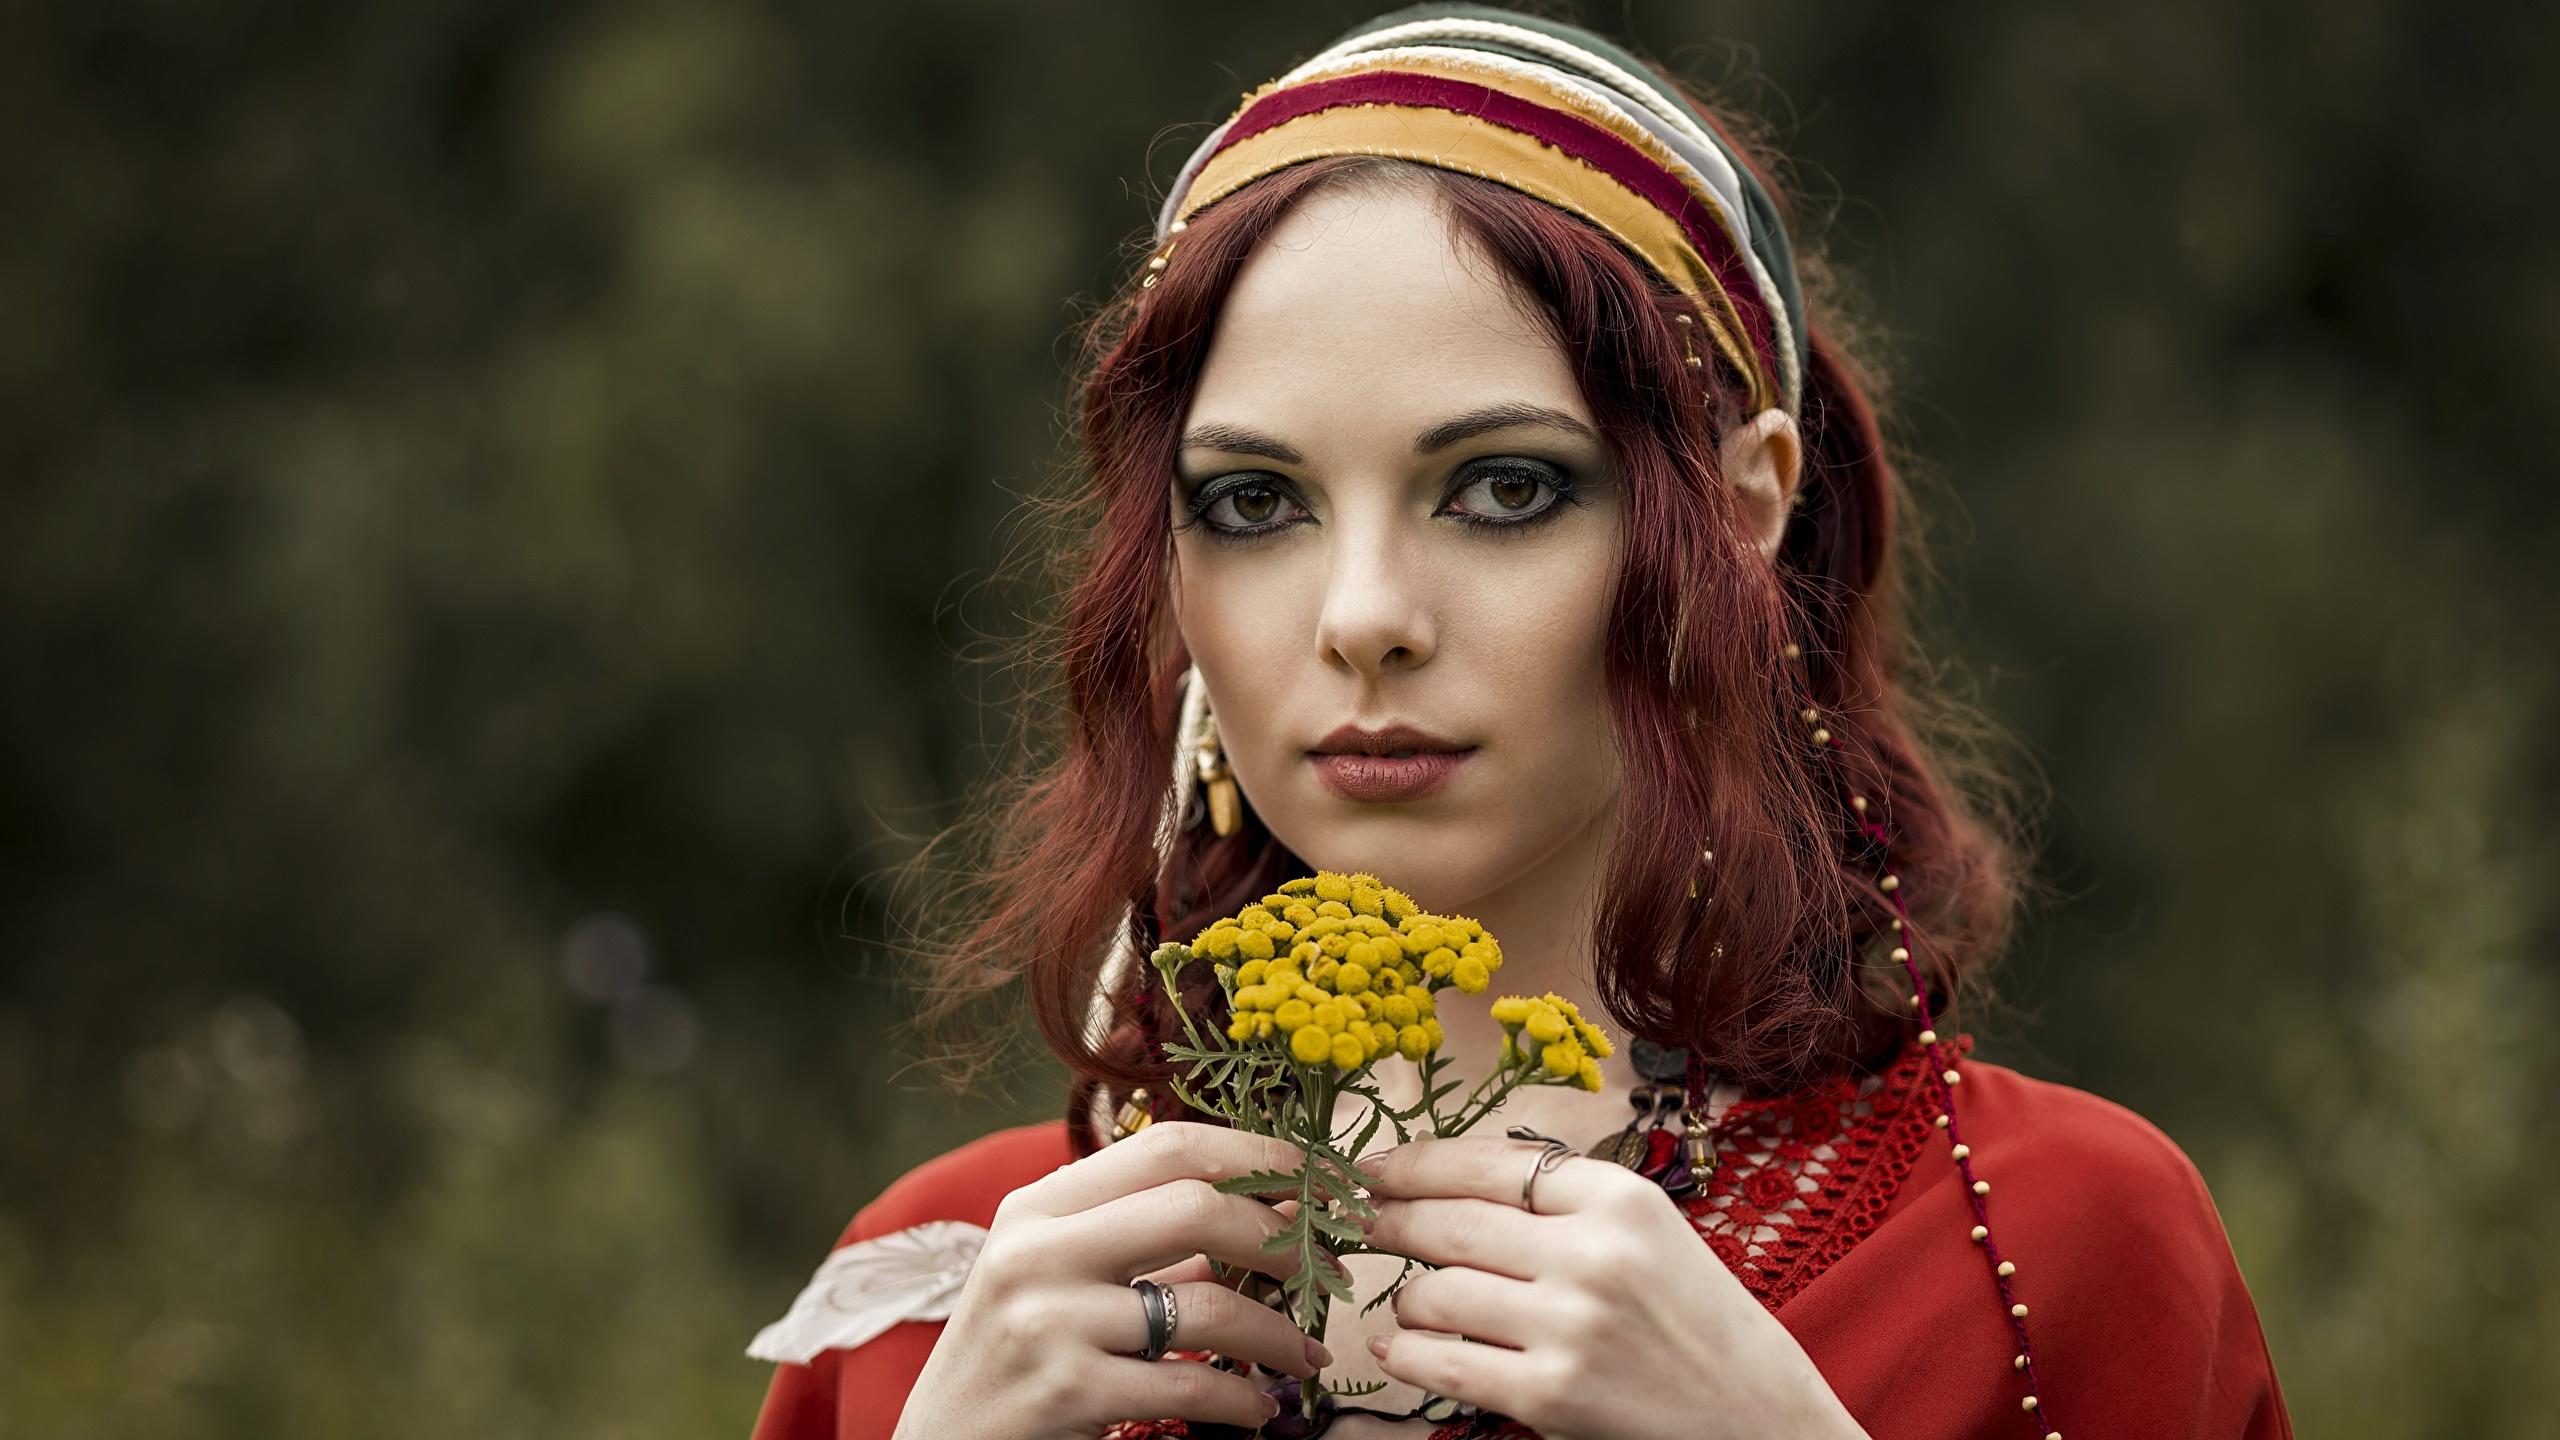 Фотографии рыжие Размытый фон лица молодые женщины рука смотрят 2560x1440 Рыжая рыжих боке Лицо девушка Девушки молодая женщина Руки Взгляд смотрит